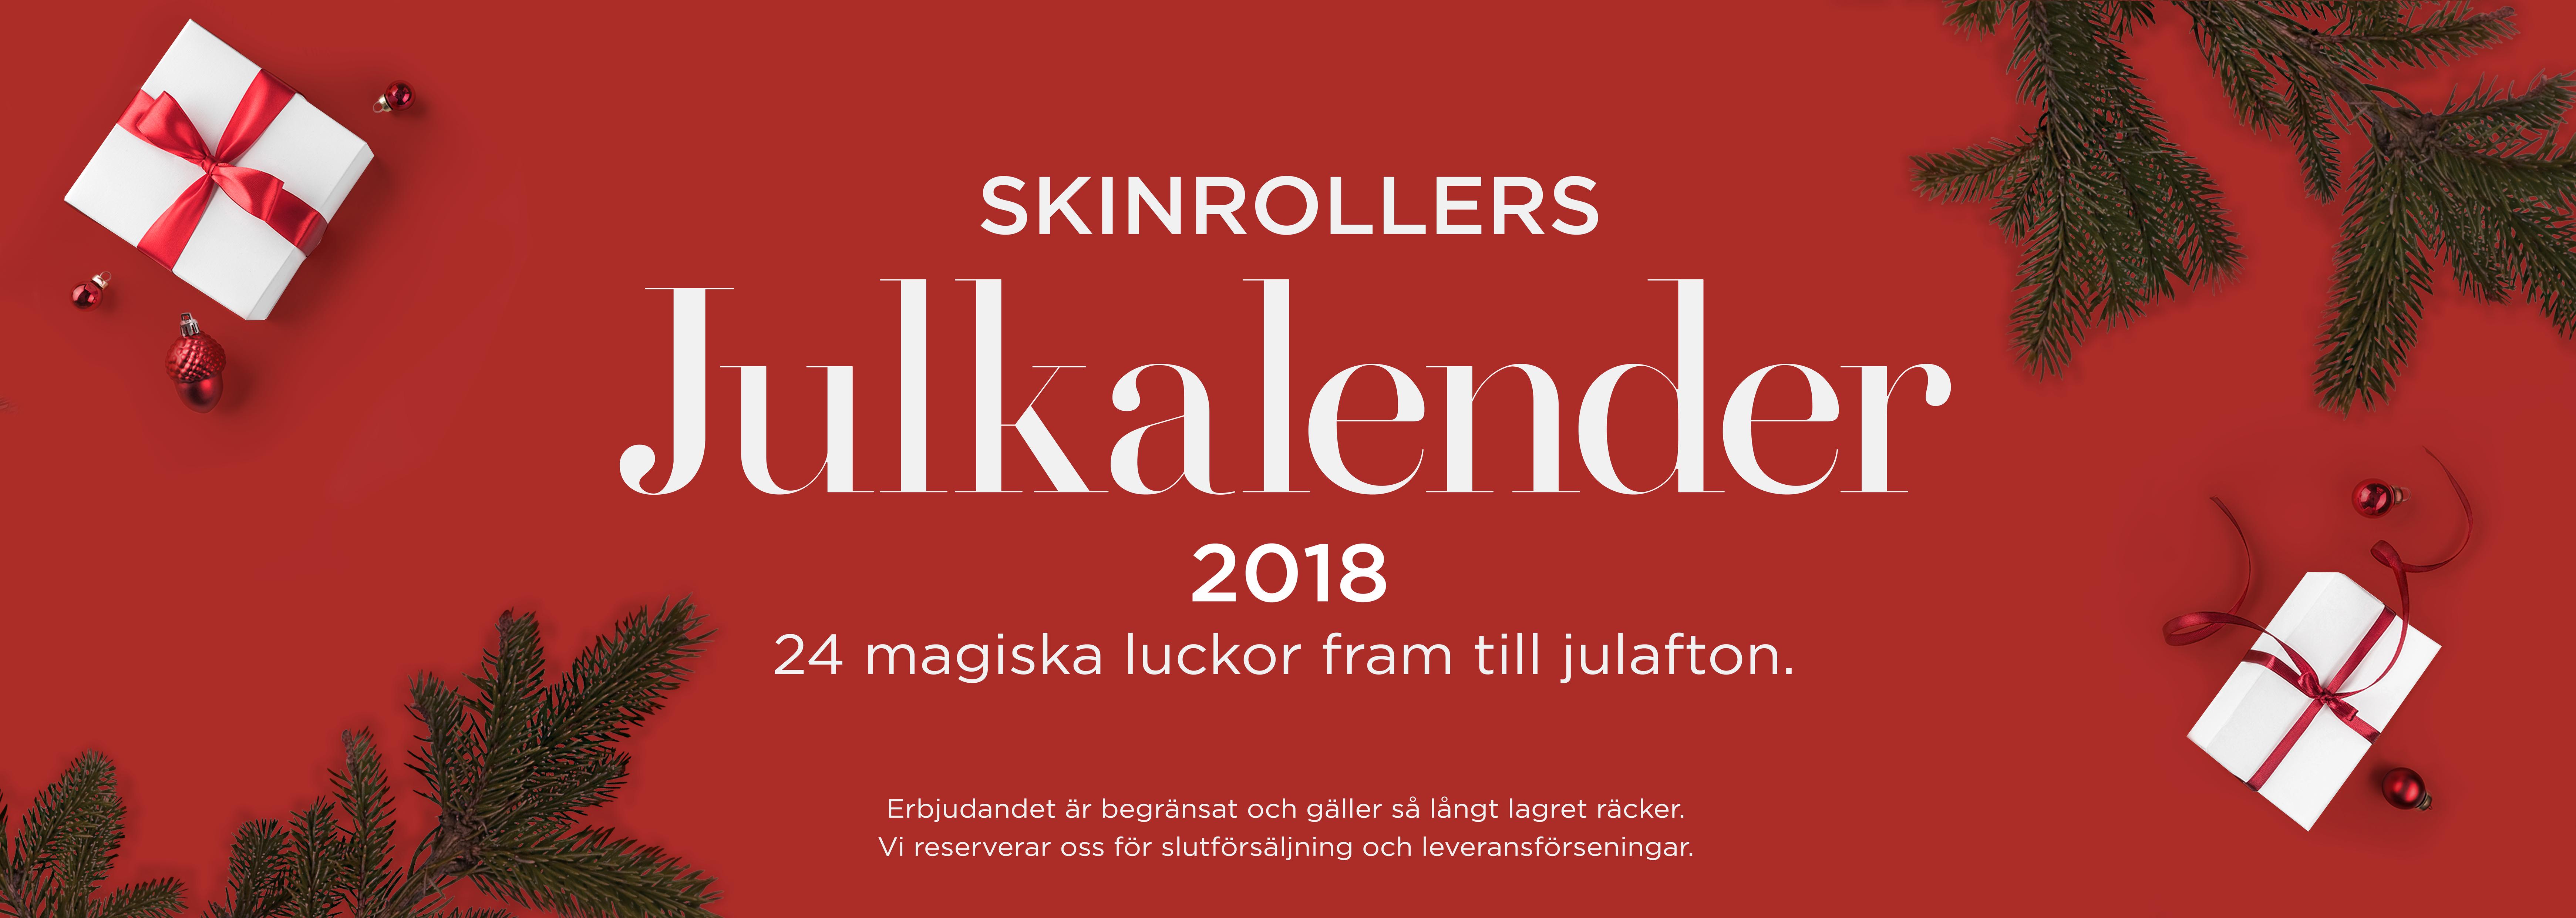 https://www.skinroller.se/image/2280/Julkalender-header-2.png